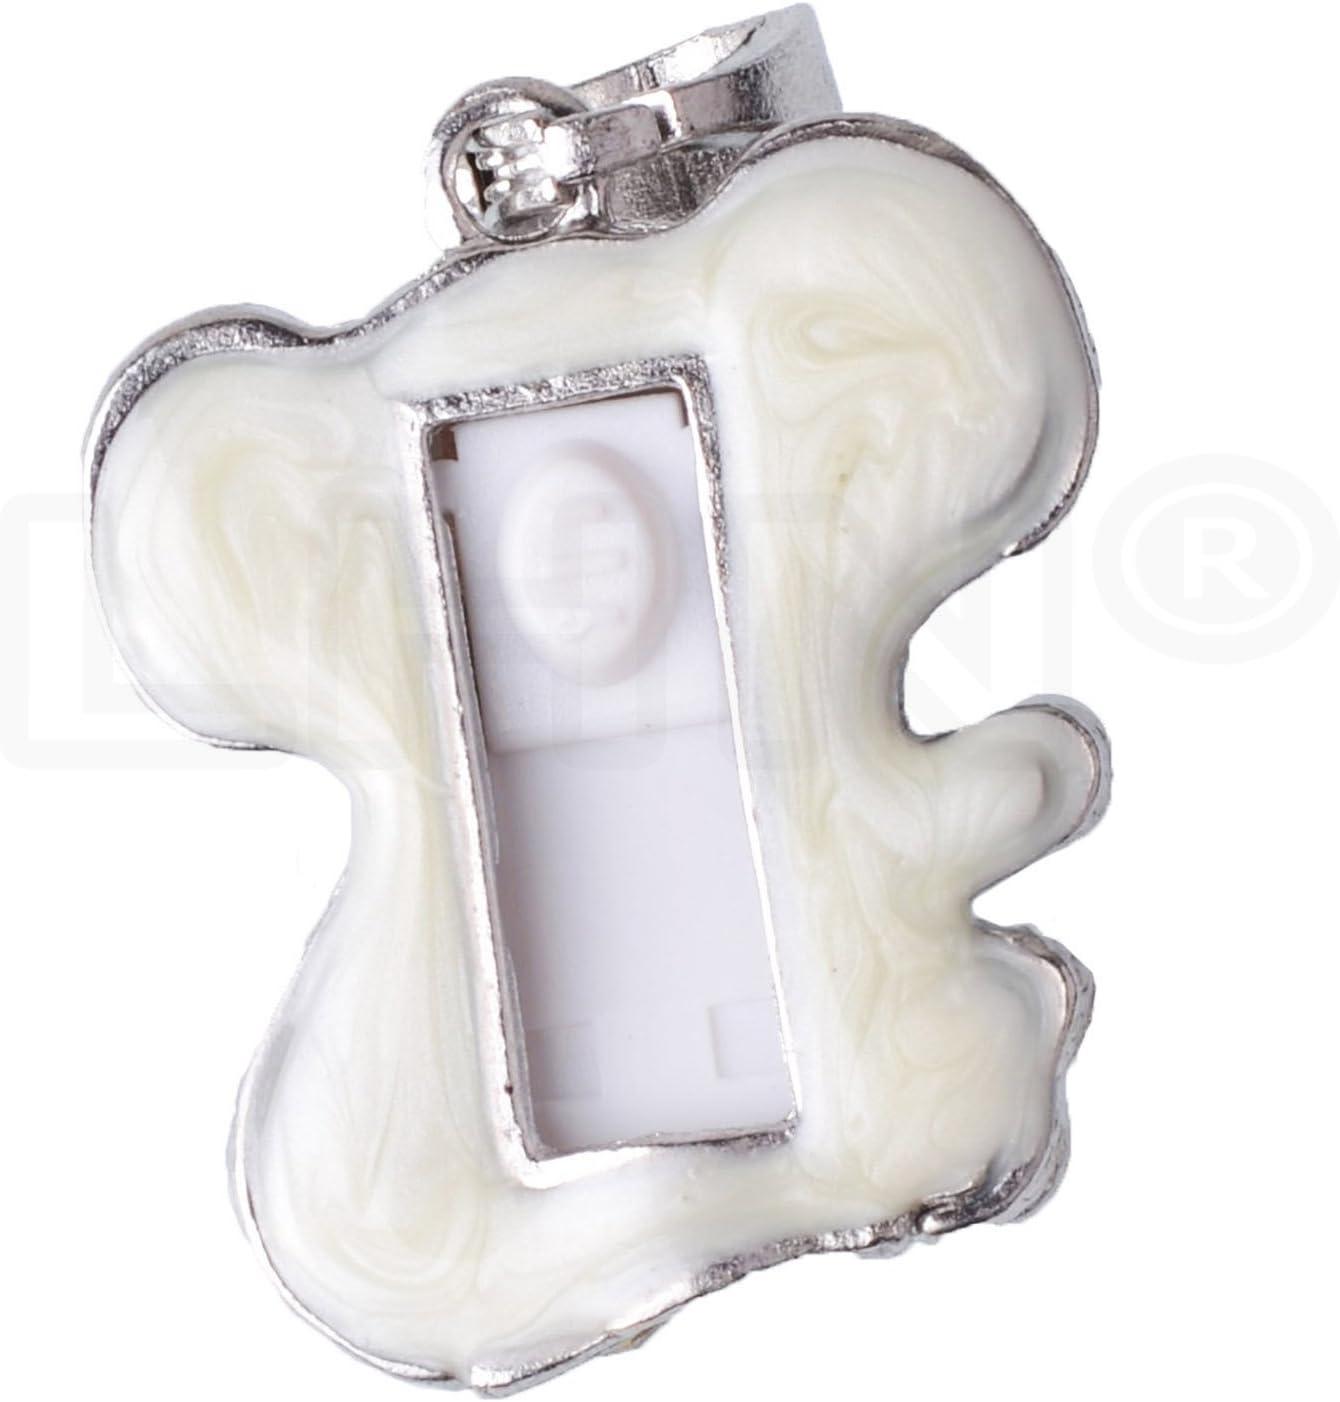 Silver LHN 8GB Crystal Puppy Dog Pendant USB 2.0 Flash Drive with Rhinestones